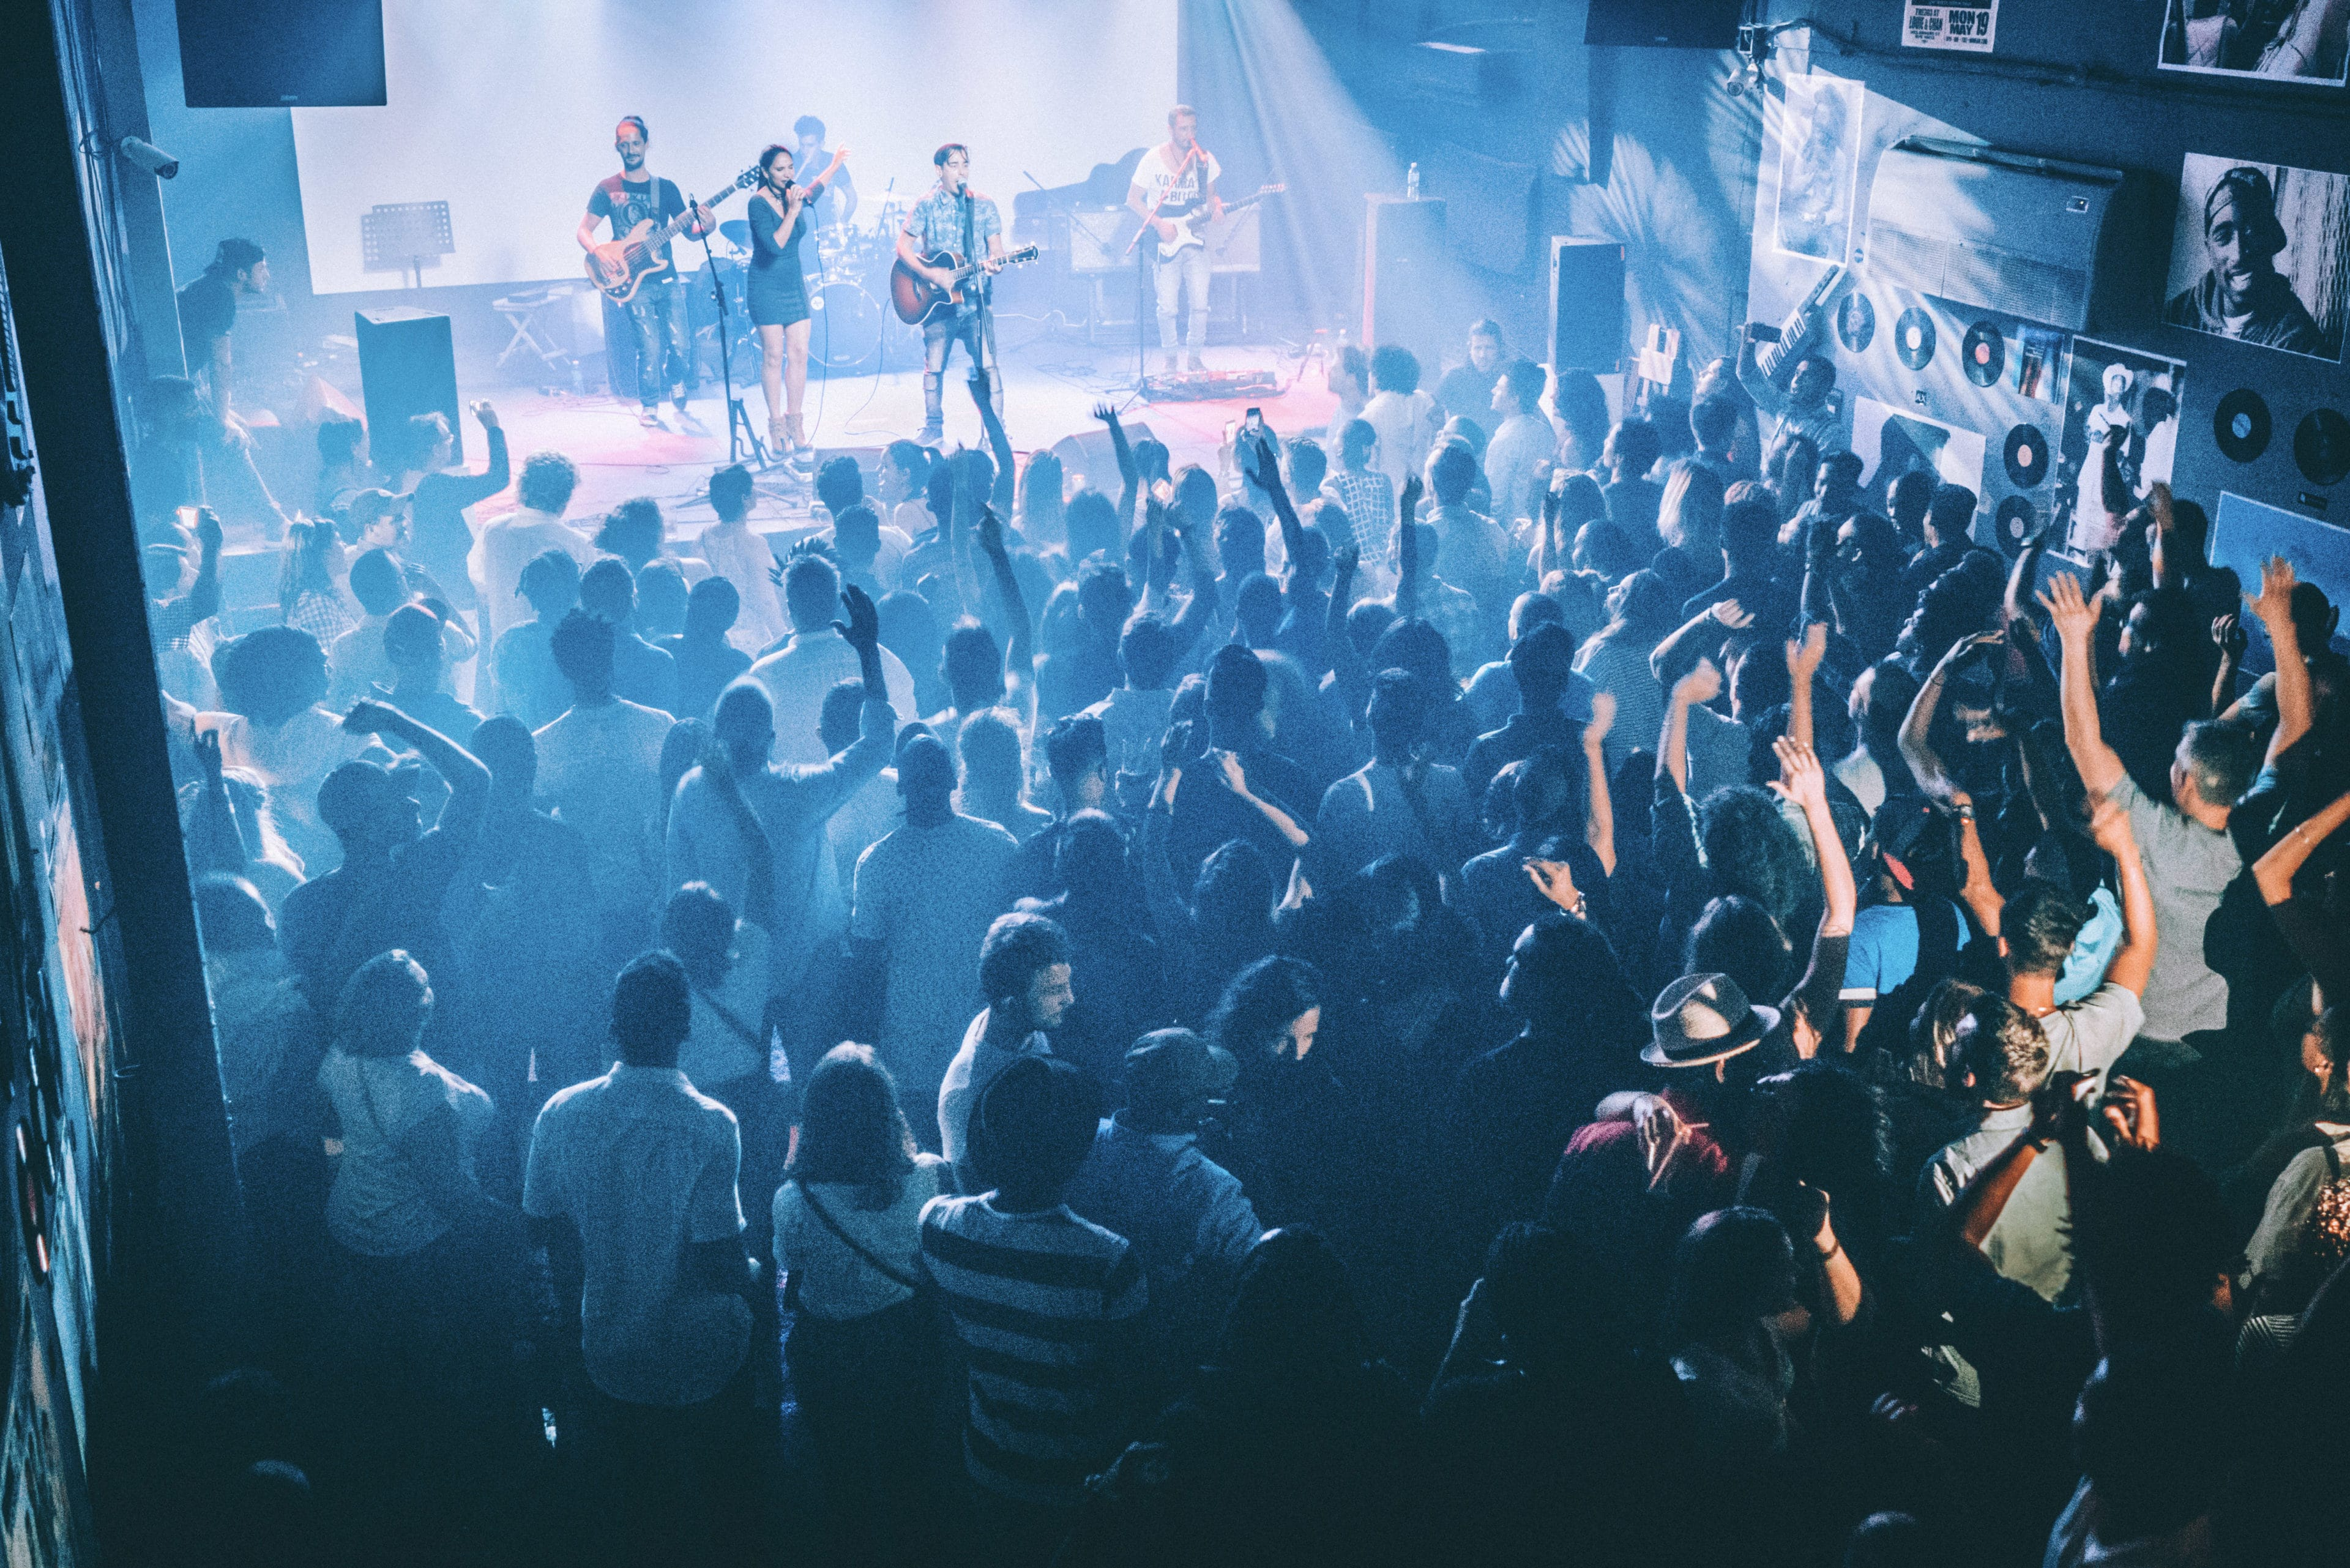 In der Fabrica de Arte Cubano in Havanna findet ein Konzert statt